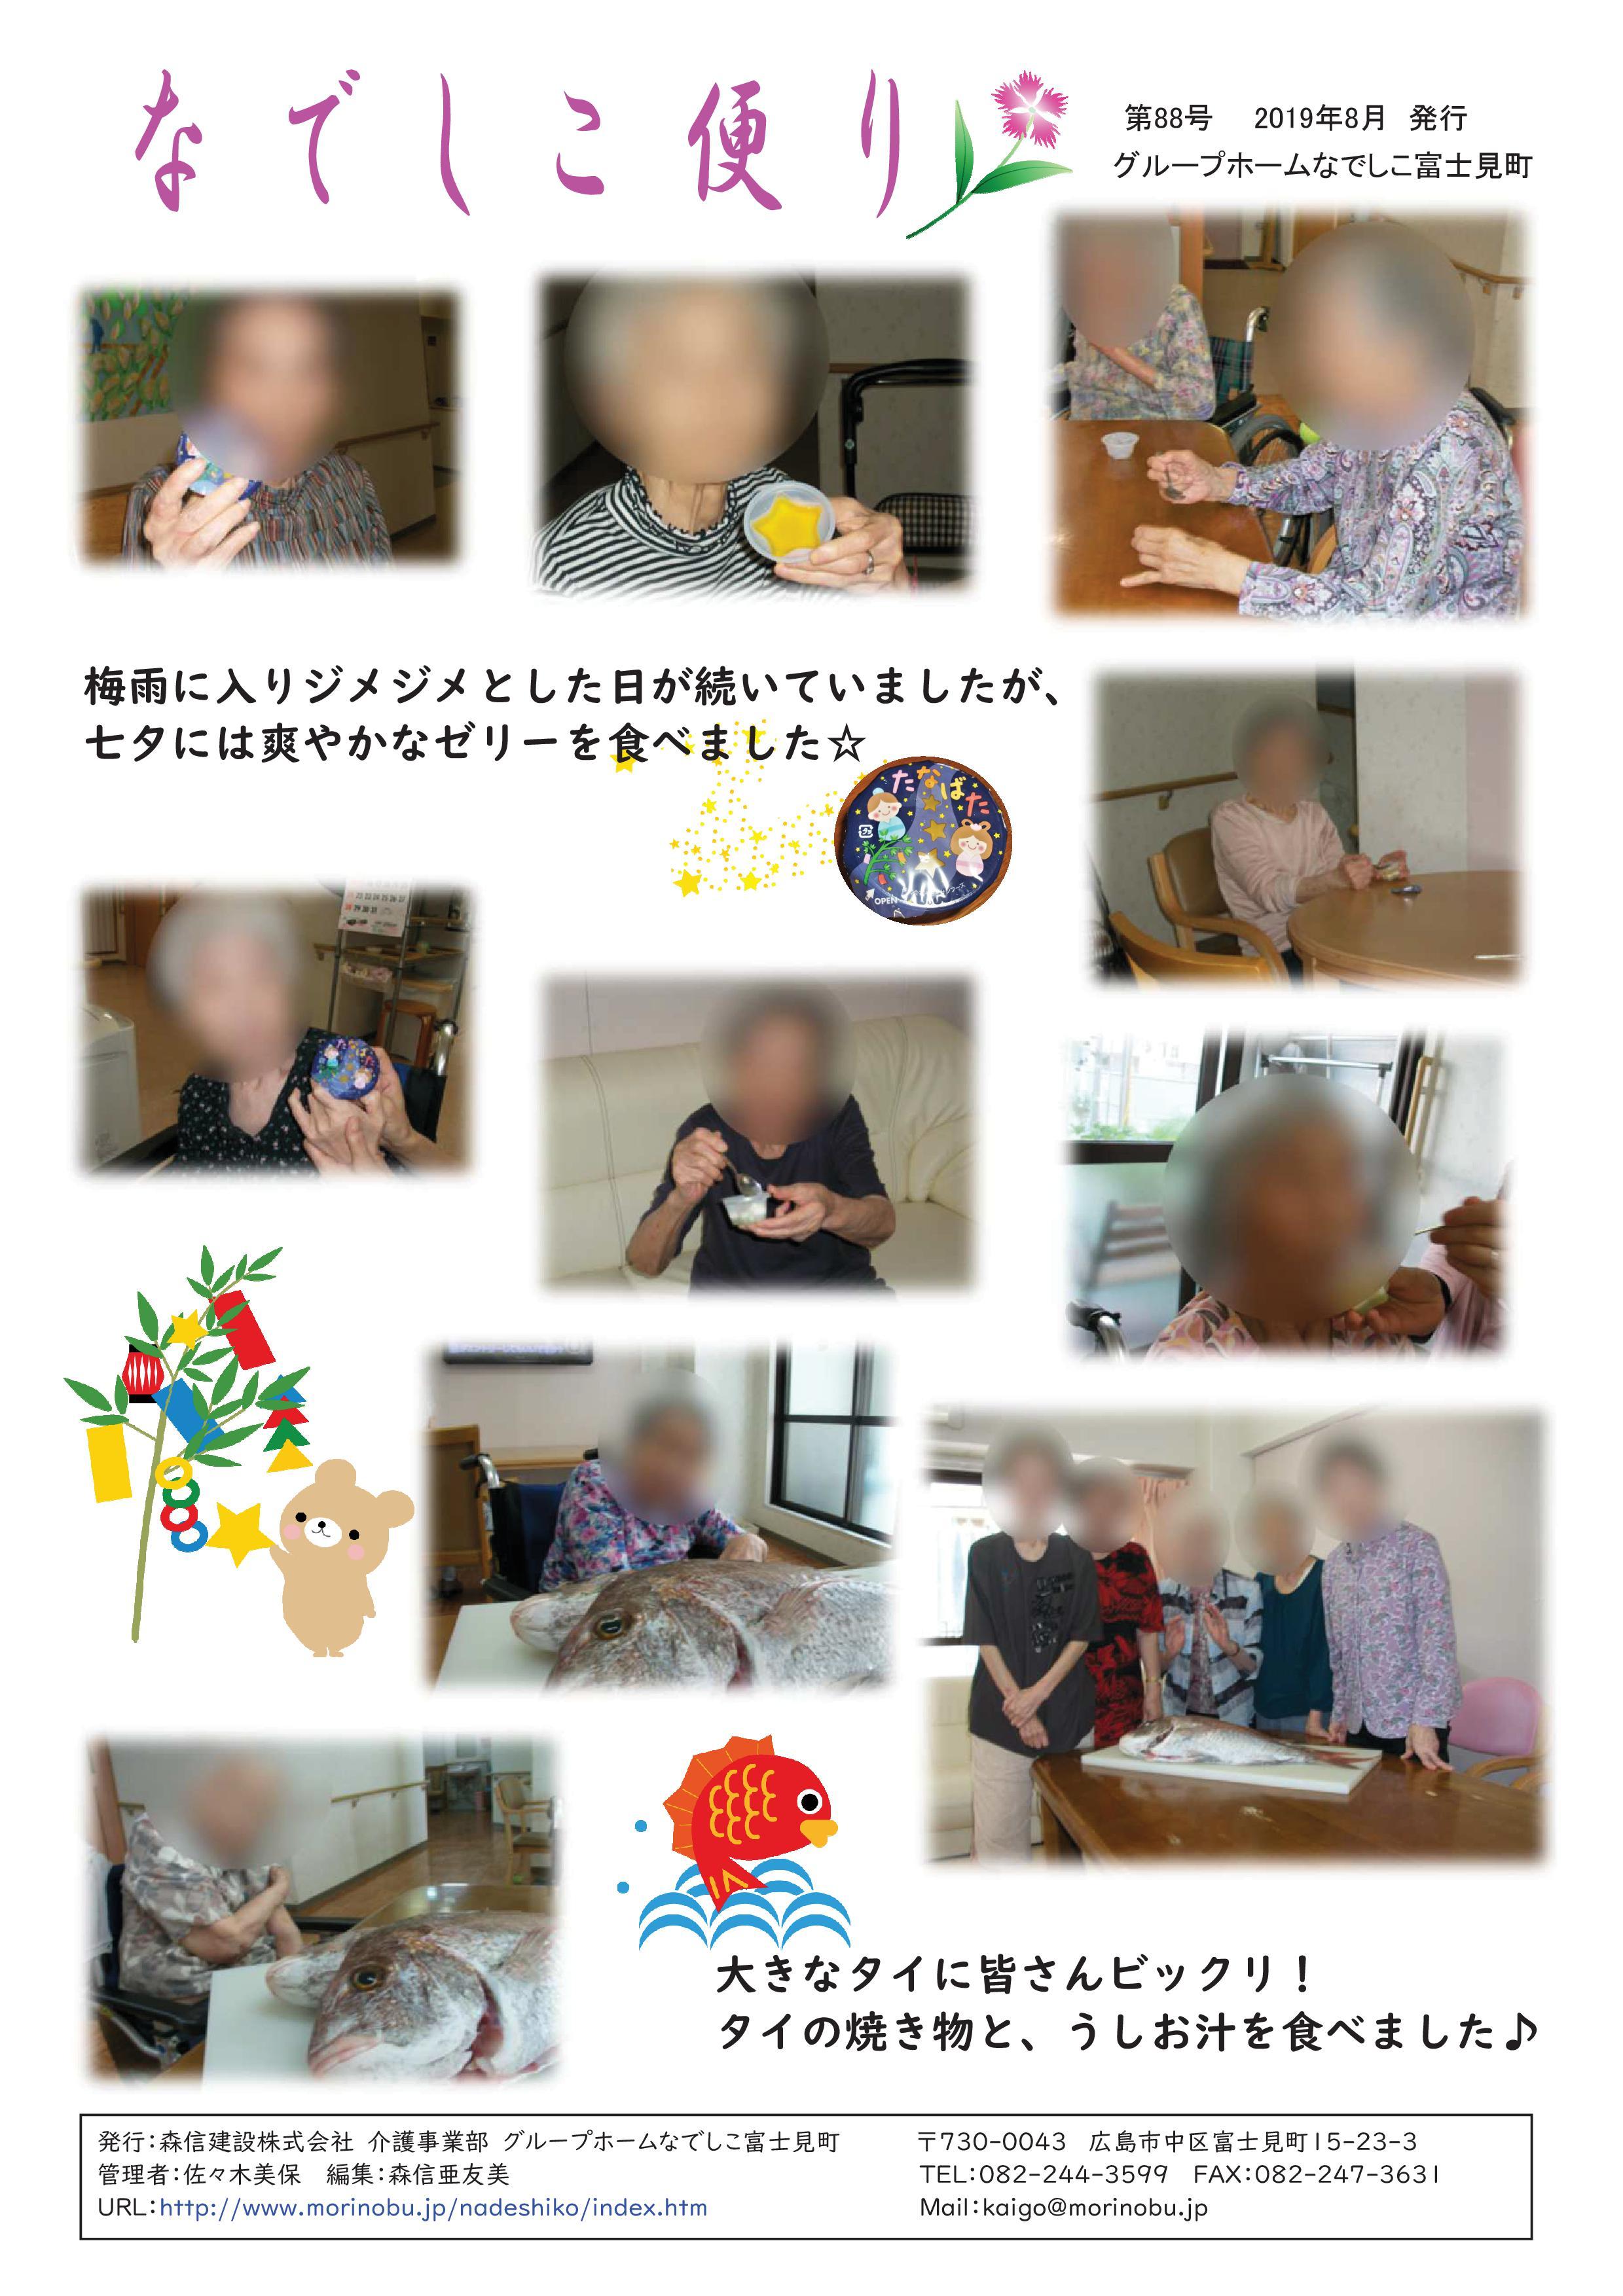 なでしこ富士見町便り 2019年8月号を発行しました<